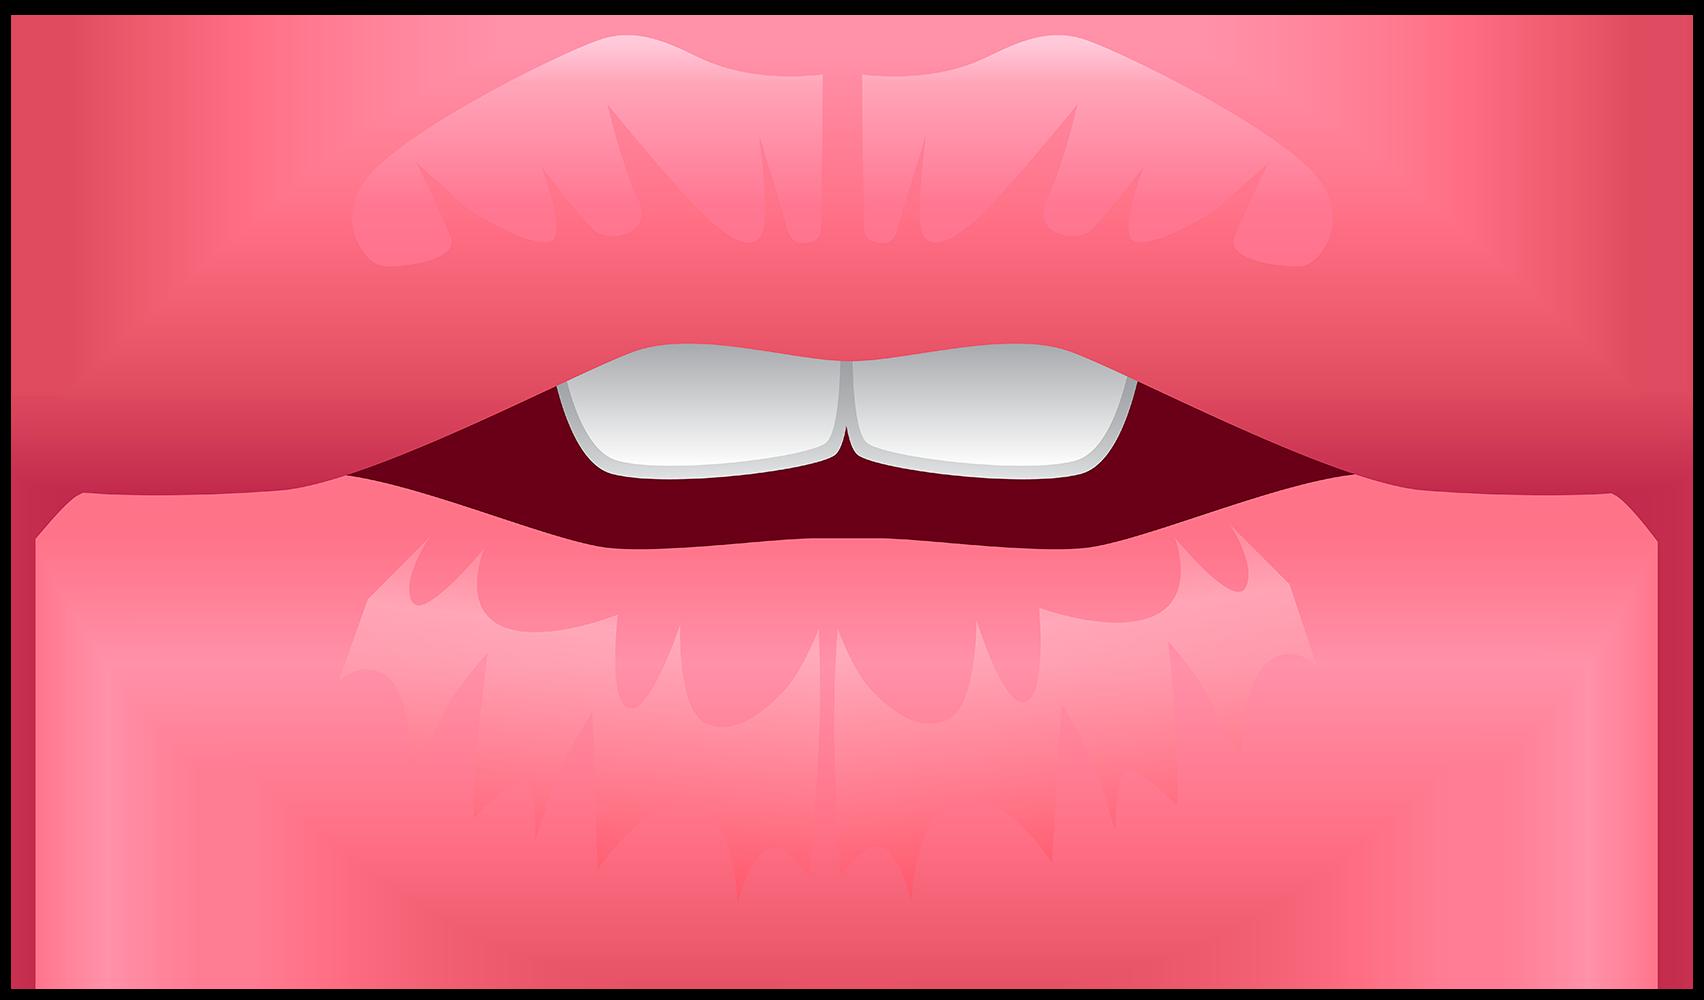 Губы - части тела, губы